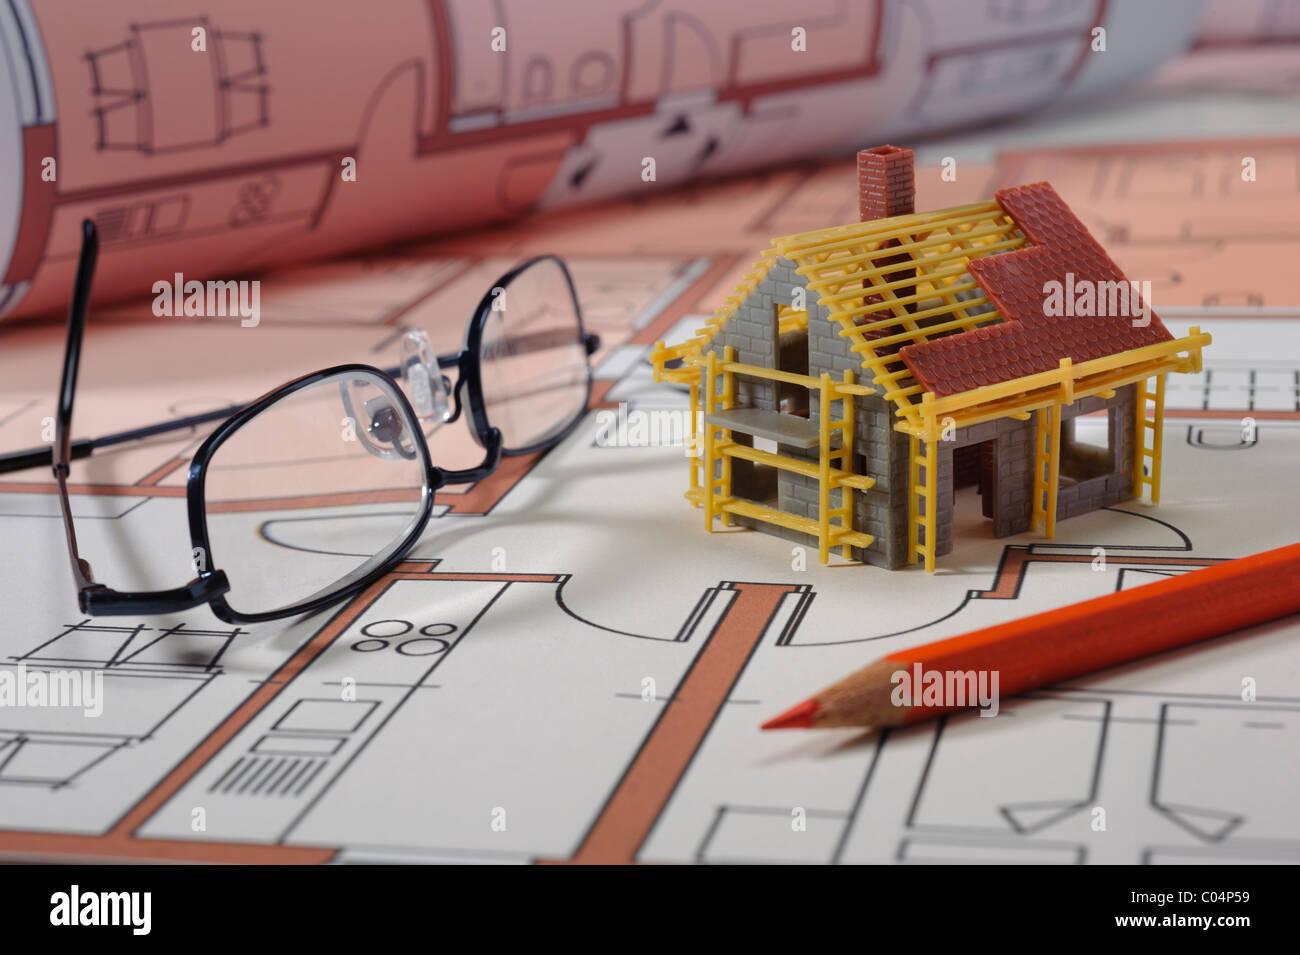 Architektur Plan Und Modell Haus Stockfoto Bild 34525941 Alamy